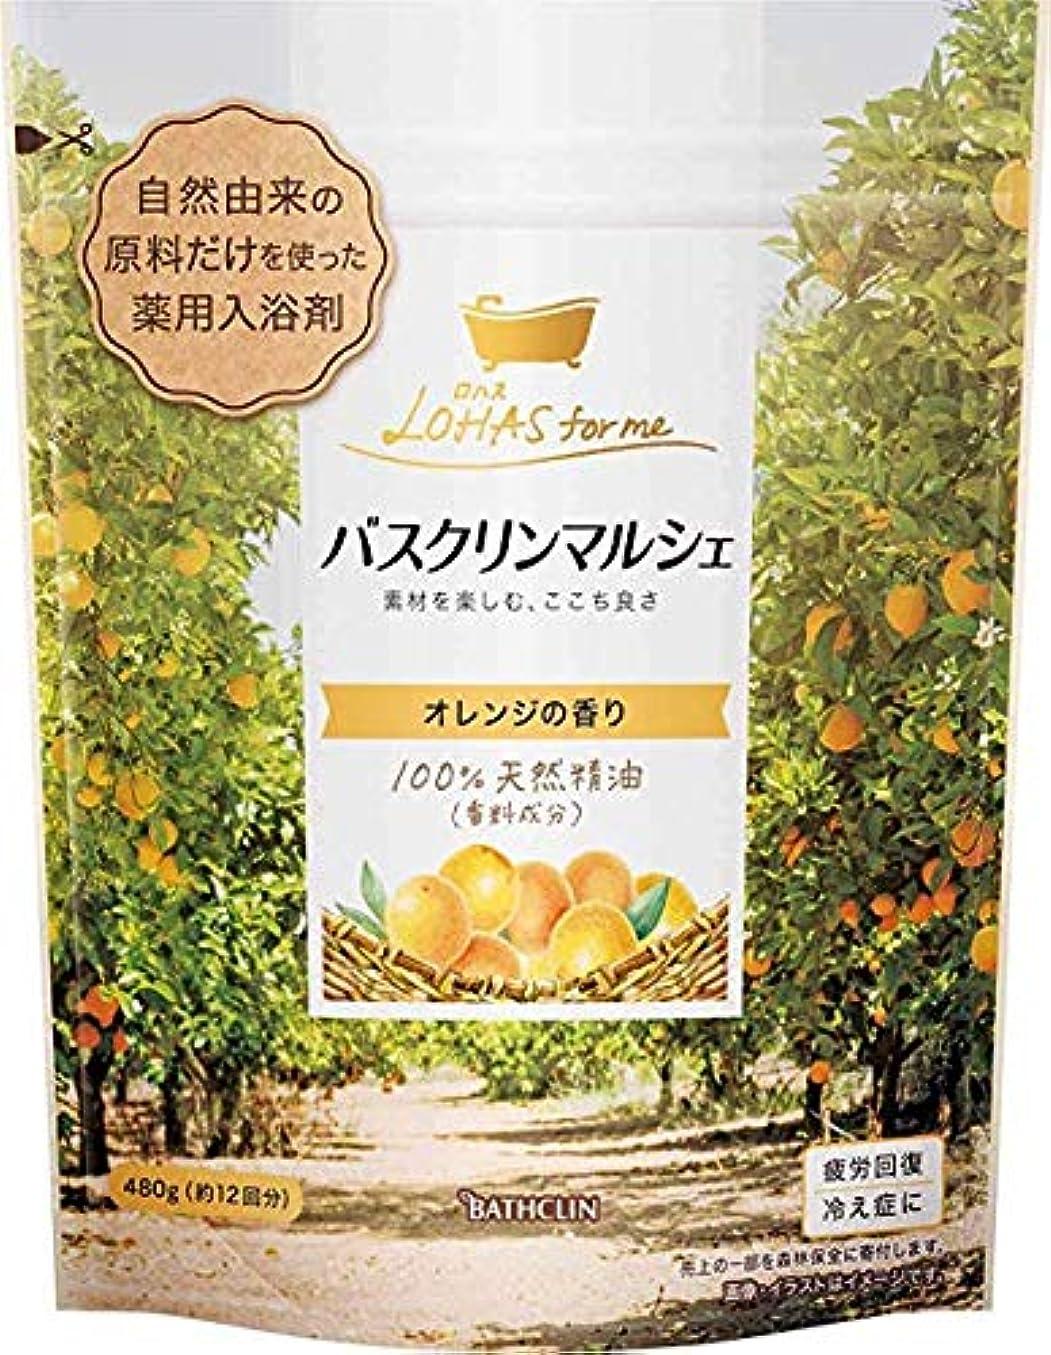 情報流行している北へ【合成香料無添加/医薬部外品】バスクリンマルシェオレンジの香り480g入浴剤